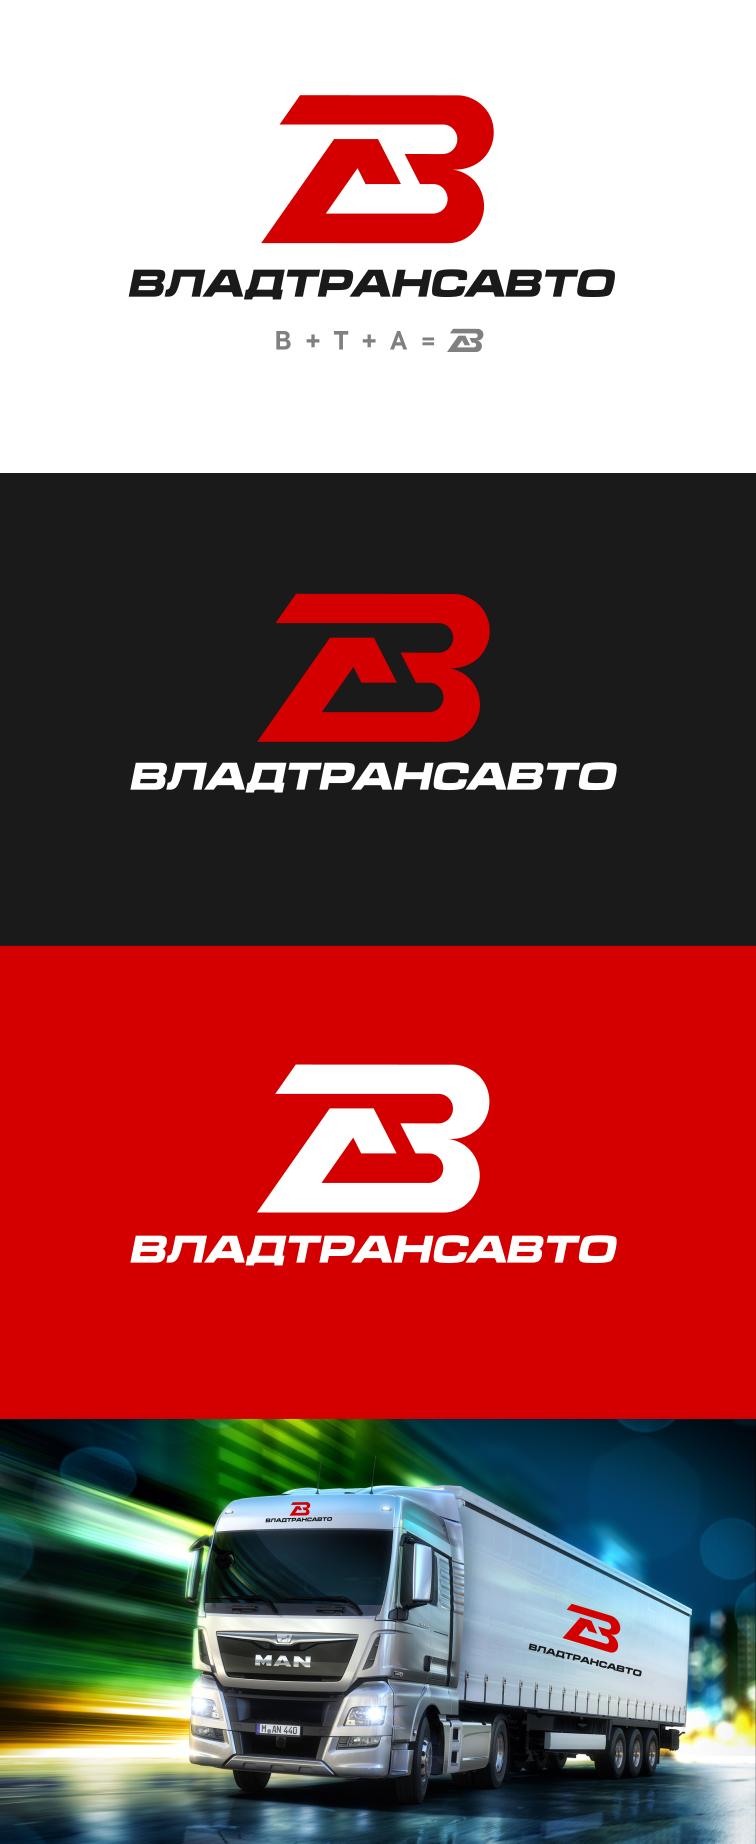 Логотип и фирменный стиль для транспортной компании Владтрансавто фото f_2115cf274c326537.png